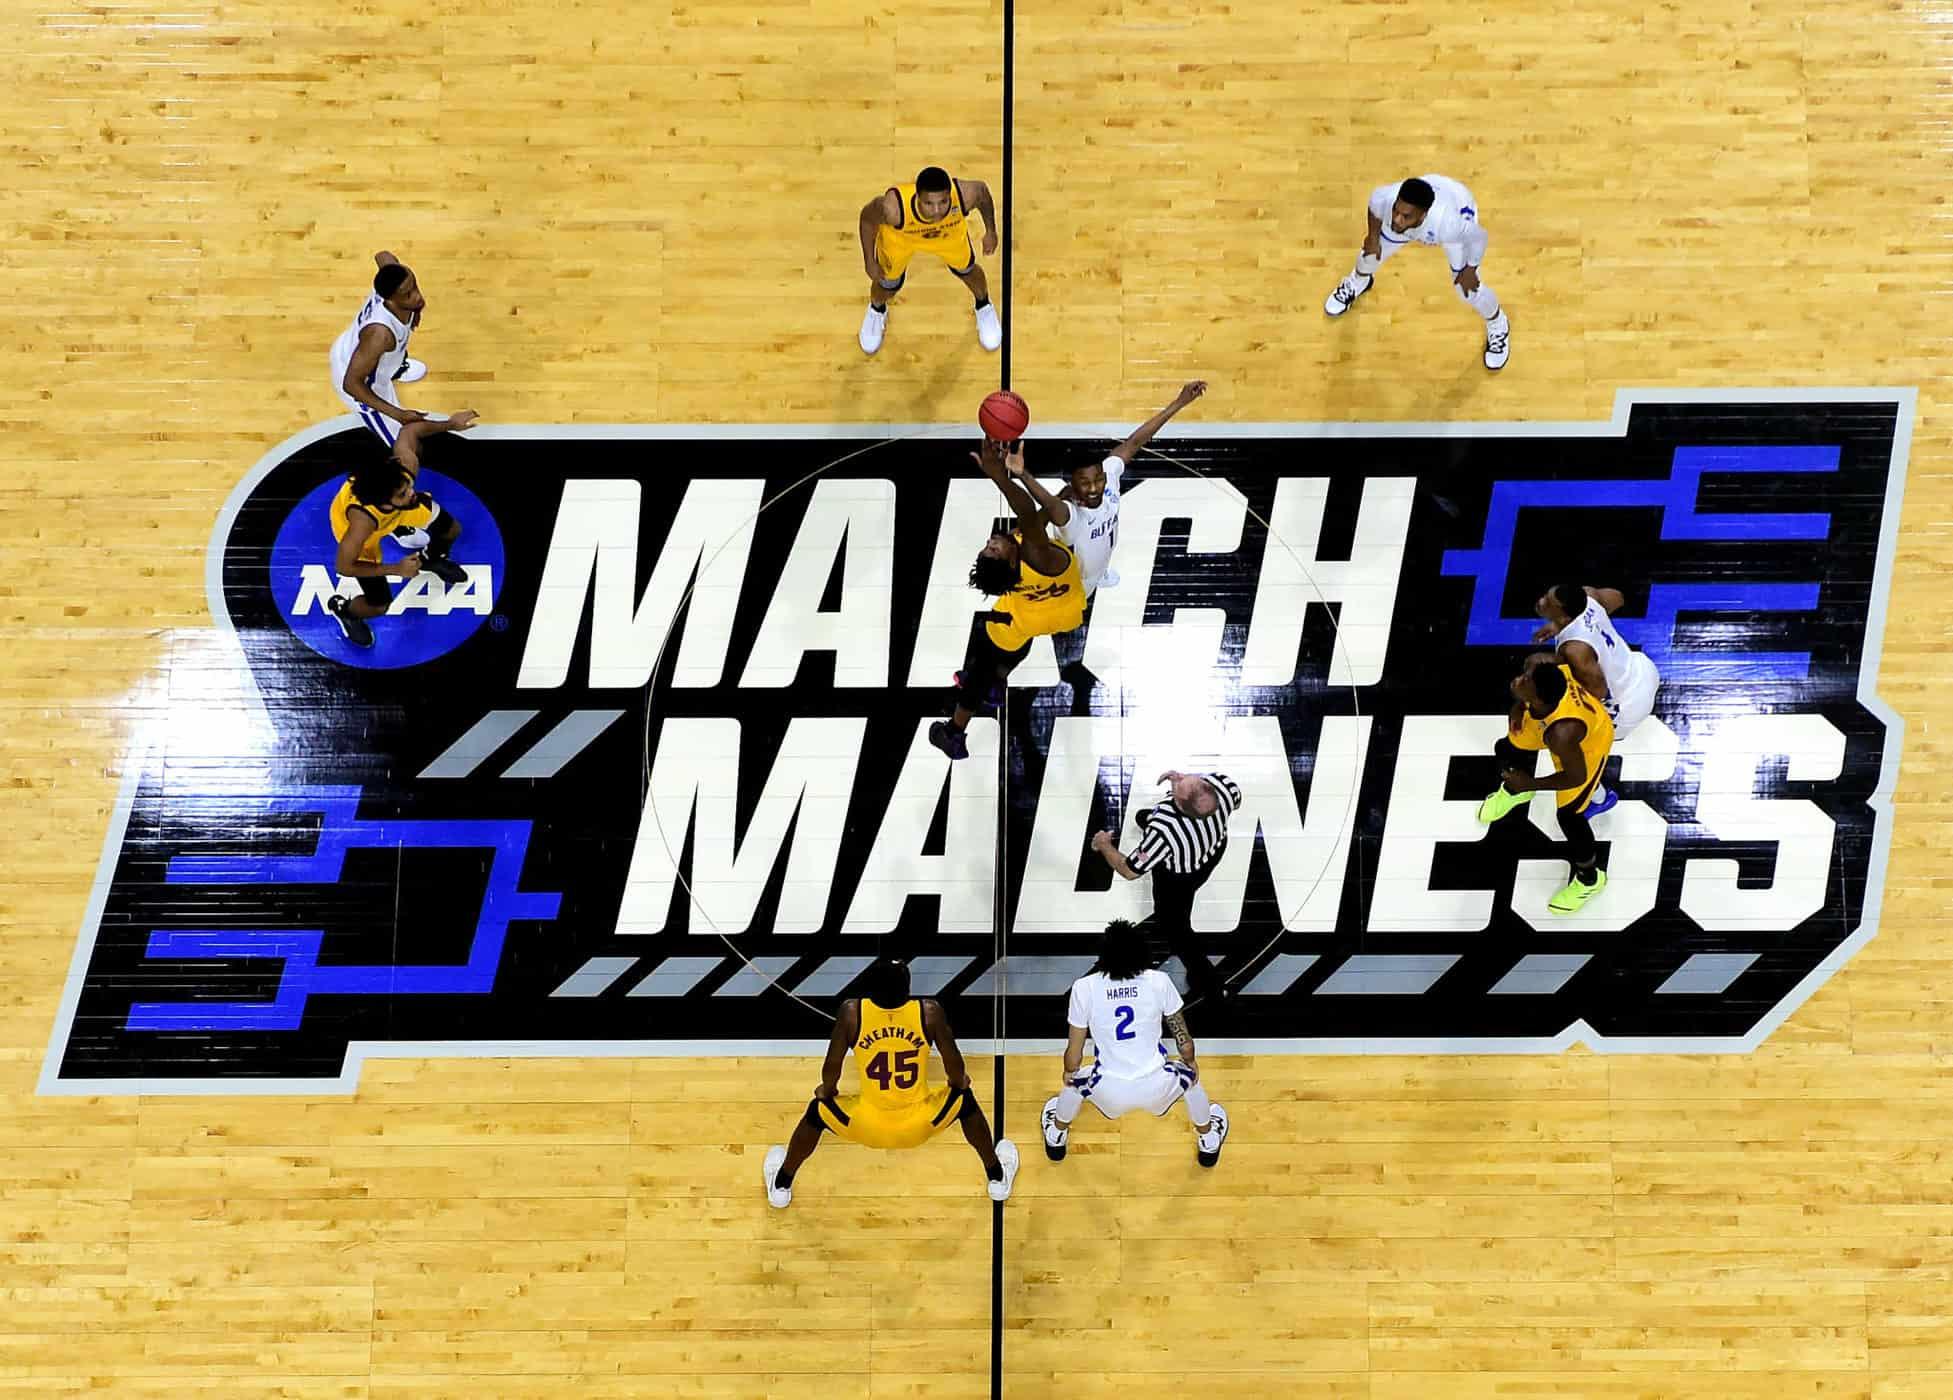 La NCAA ripartirà il 25 novembre (probabilmente)